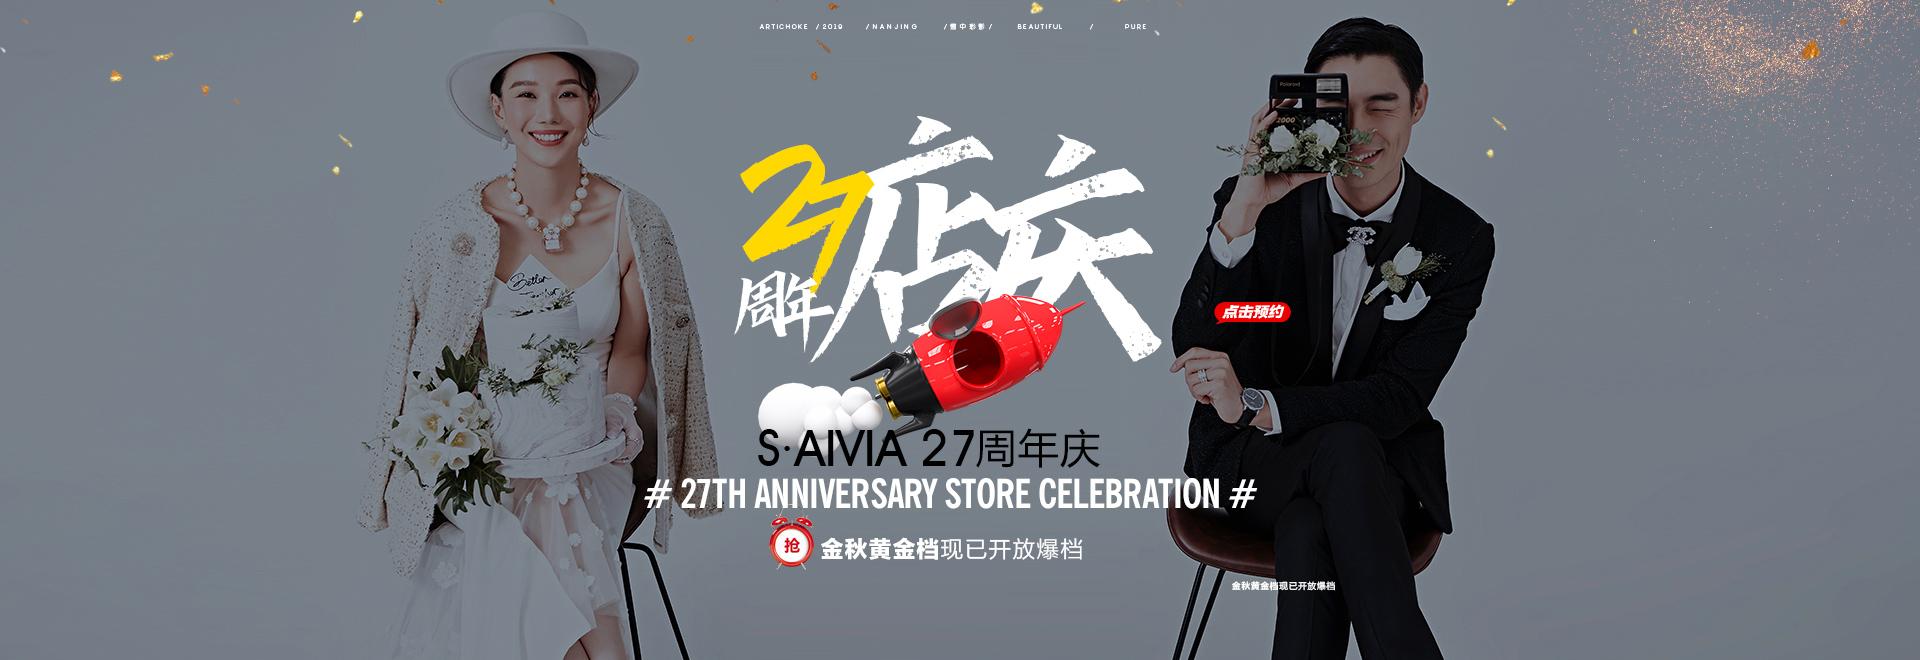 27周年店庆